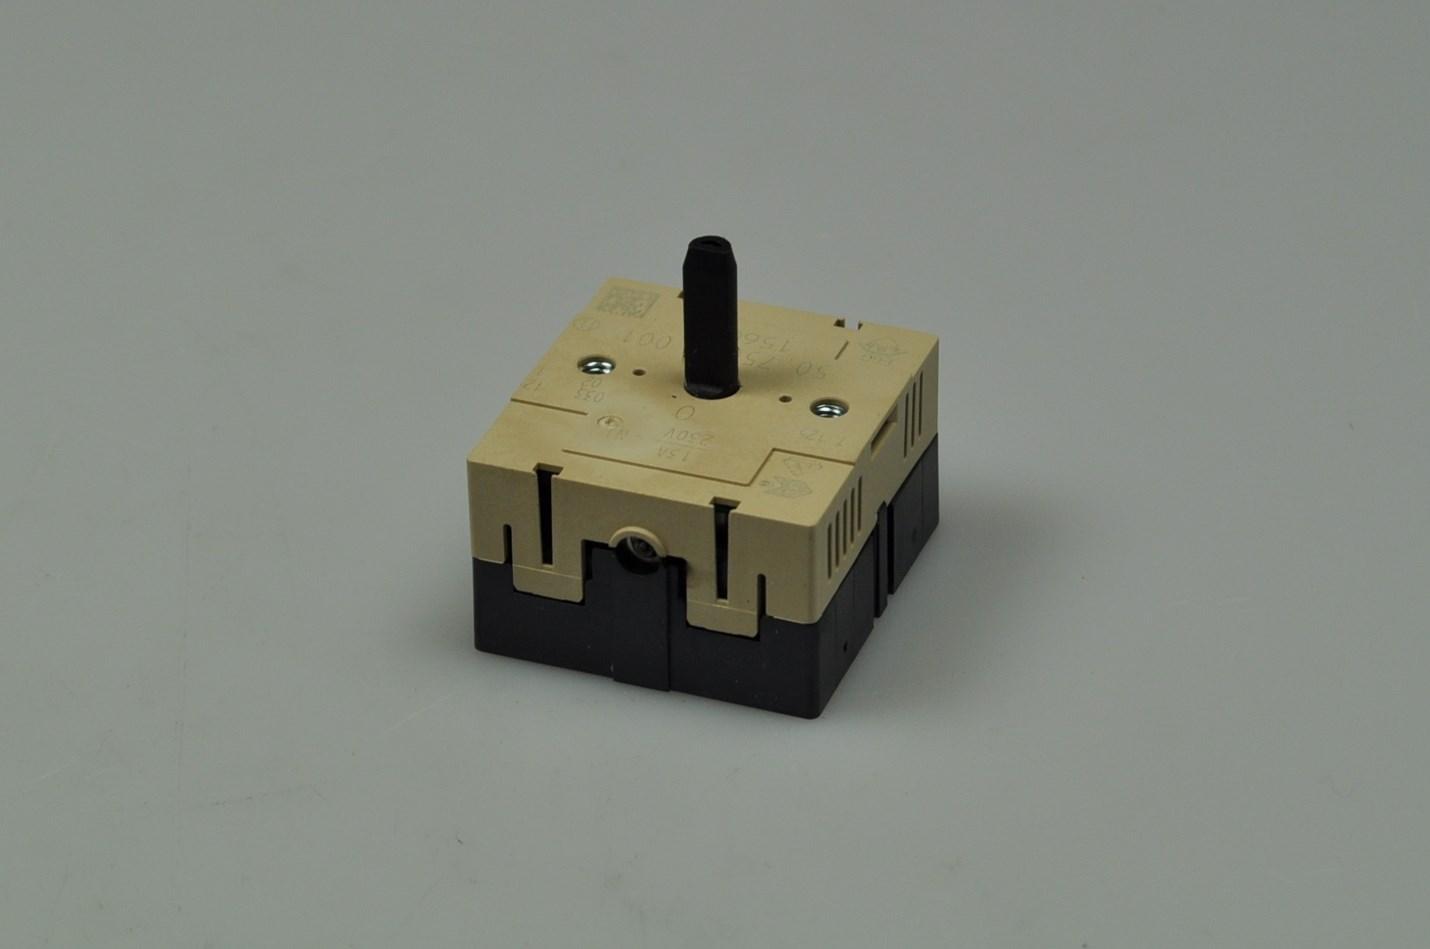 energiregler gorenje herd backofen 230v doppelt zone. Black Bedroom Furniture Sets. Home Design Ideas